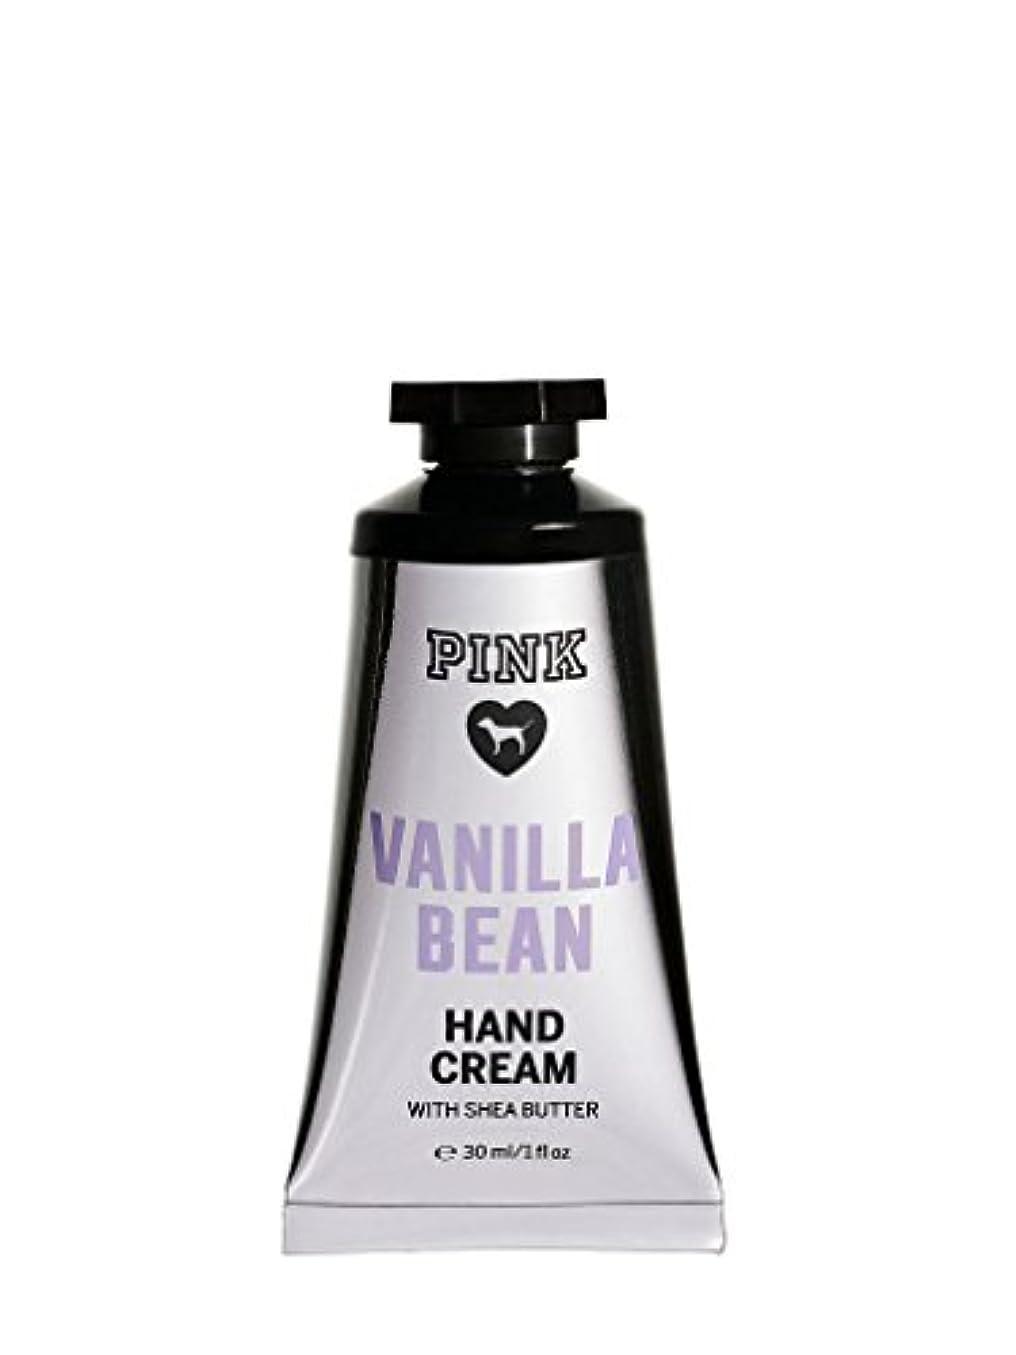 ストリップイースタータンザニアVICTORIA'S SECRET ヴィクトリアシークレット/ビクトリアシークレット PINK バニラビーンズ ハンドクリーム/PINK HAND CREAM [並行輸入品]